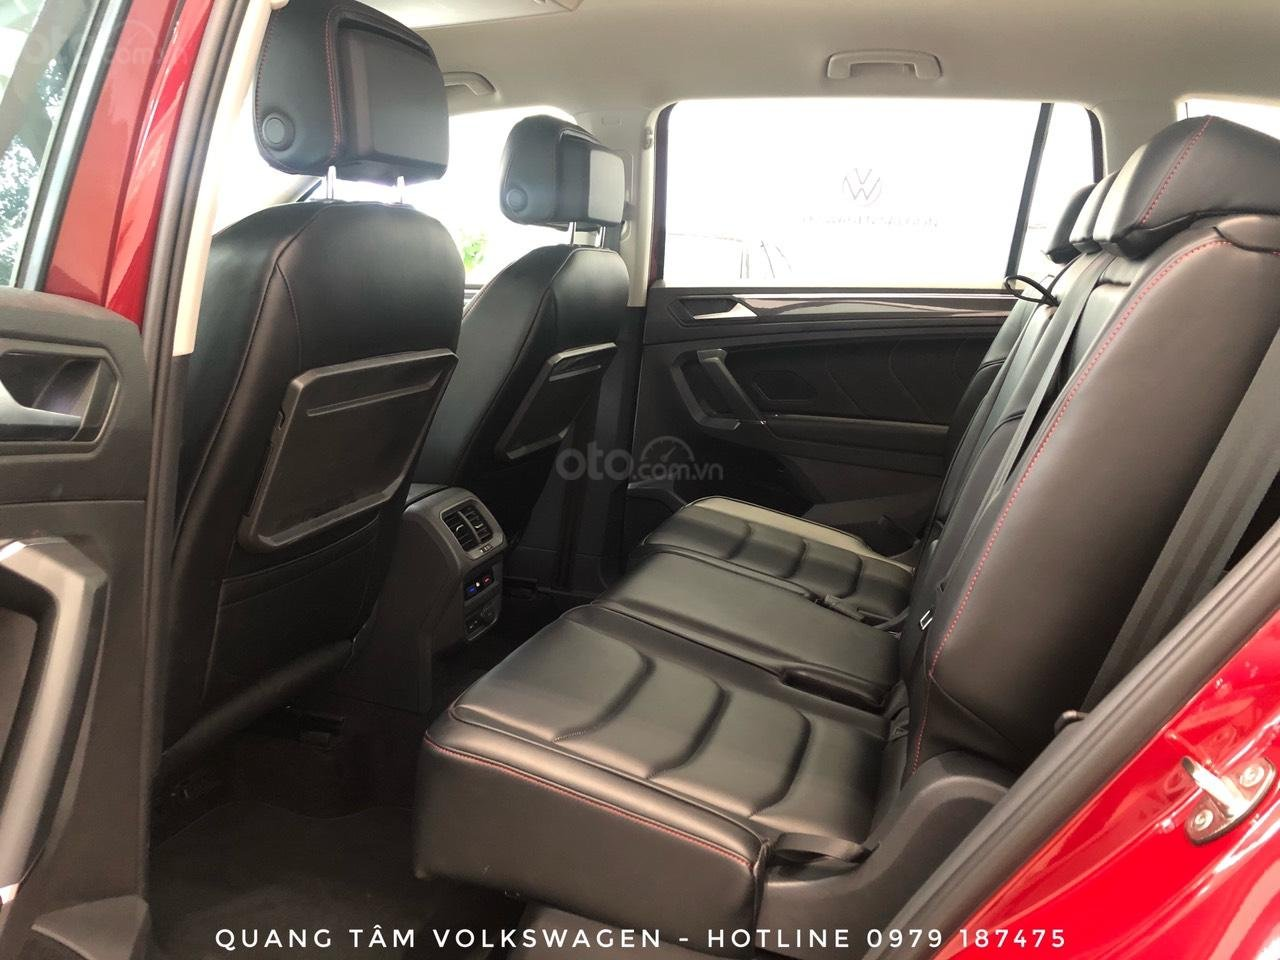 Volkswagen Tiguan Luxury đỏ ruby may mắn, ưu đãi khủng + giao ngay (12)